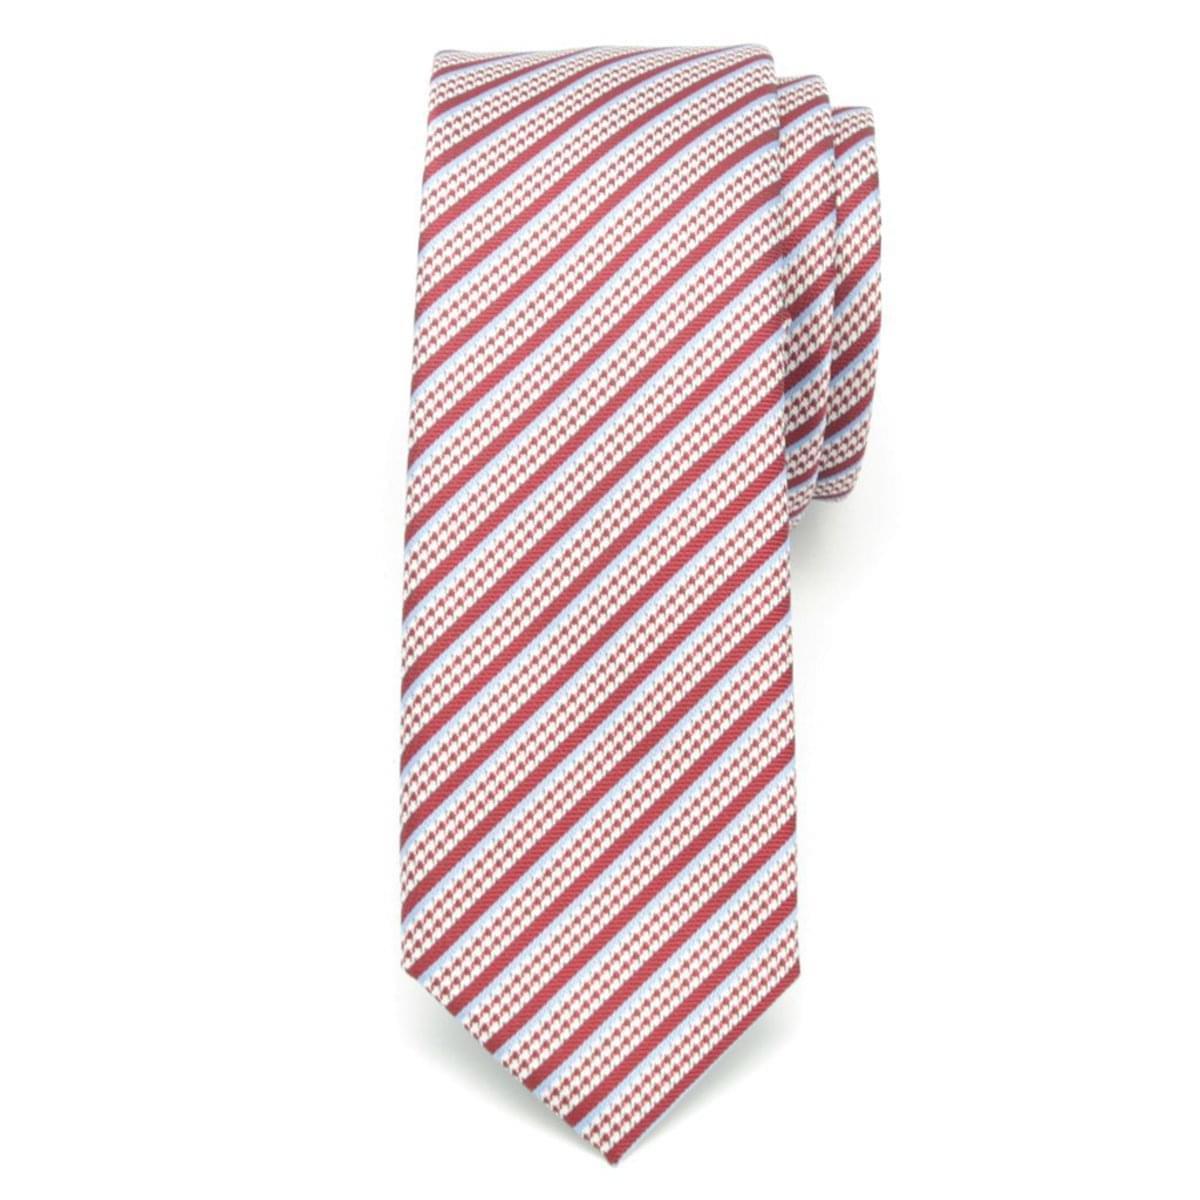 Pánská úzká kravata (vzor 1205) 6544 v červené barvě